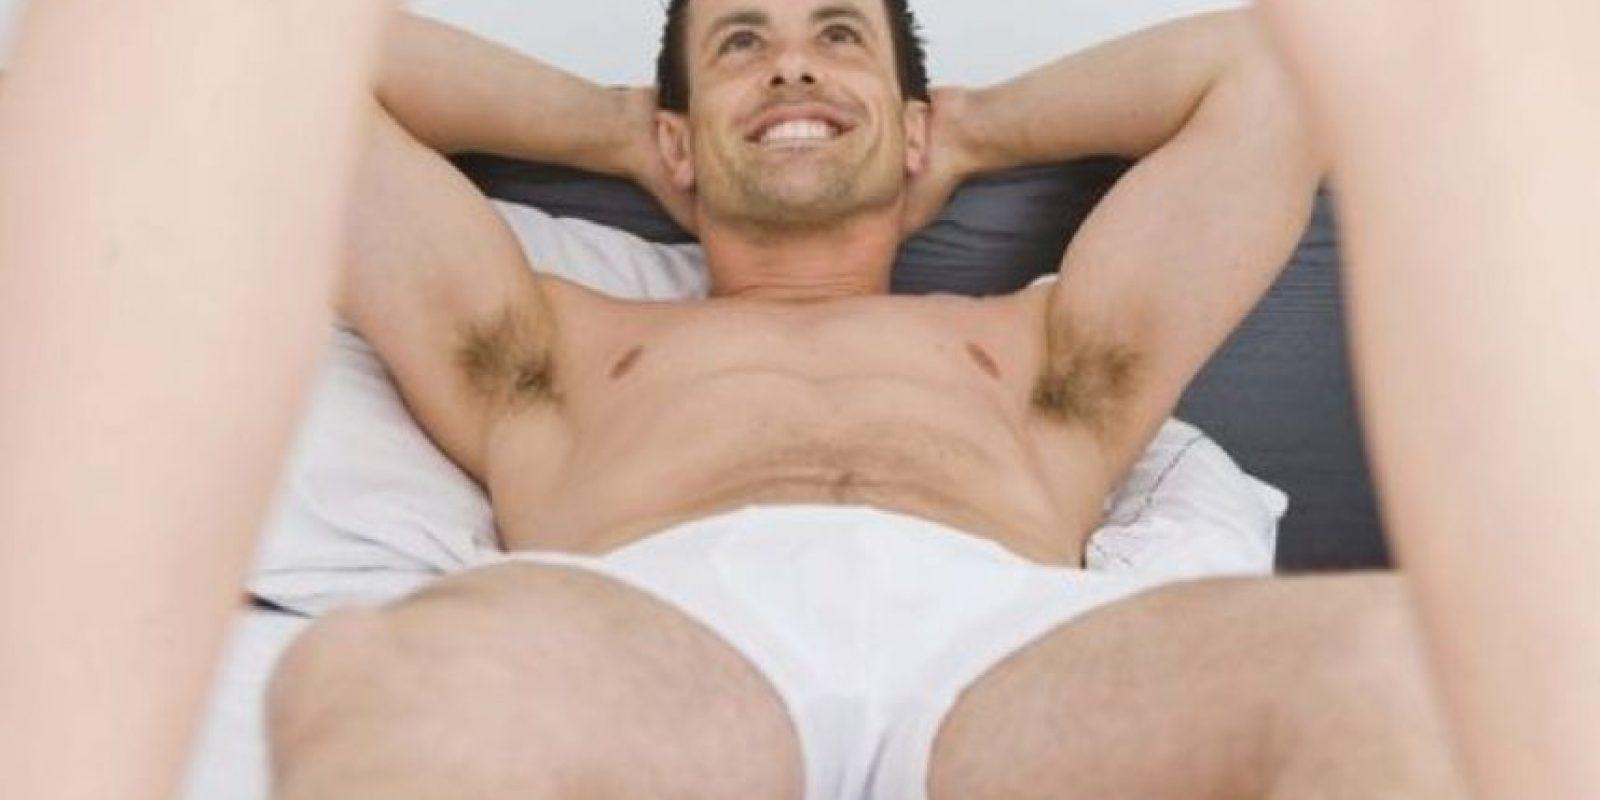 6. Siempre quiere hacerlo sin preservativo. Esta decisión, indudablemente debe tomarse entre los dos. Foto:Tumblr.com/Tagged-sexo